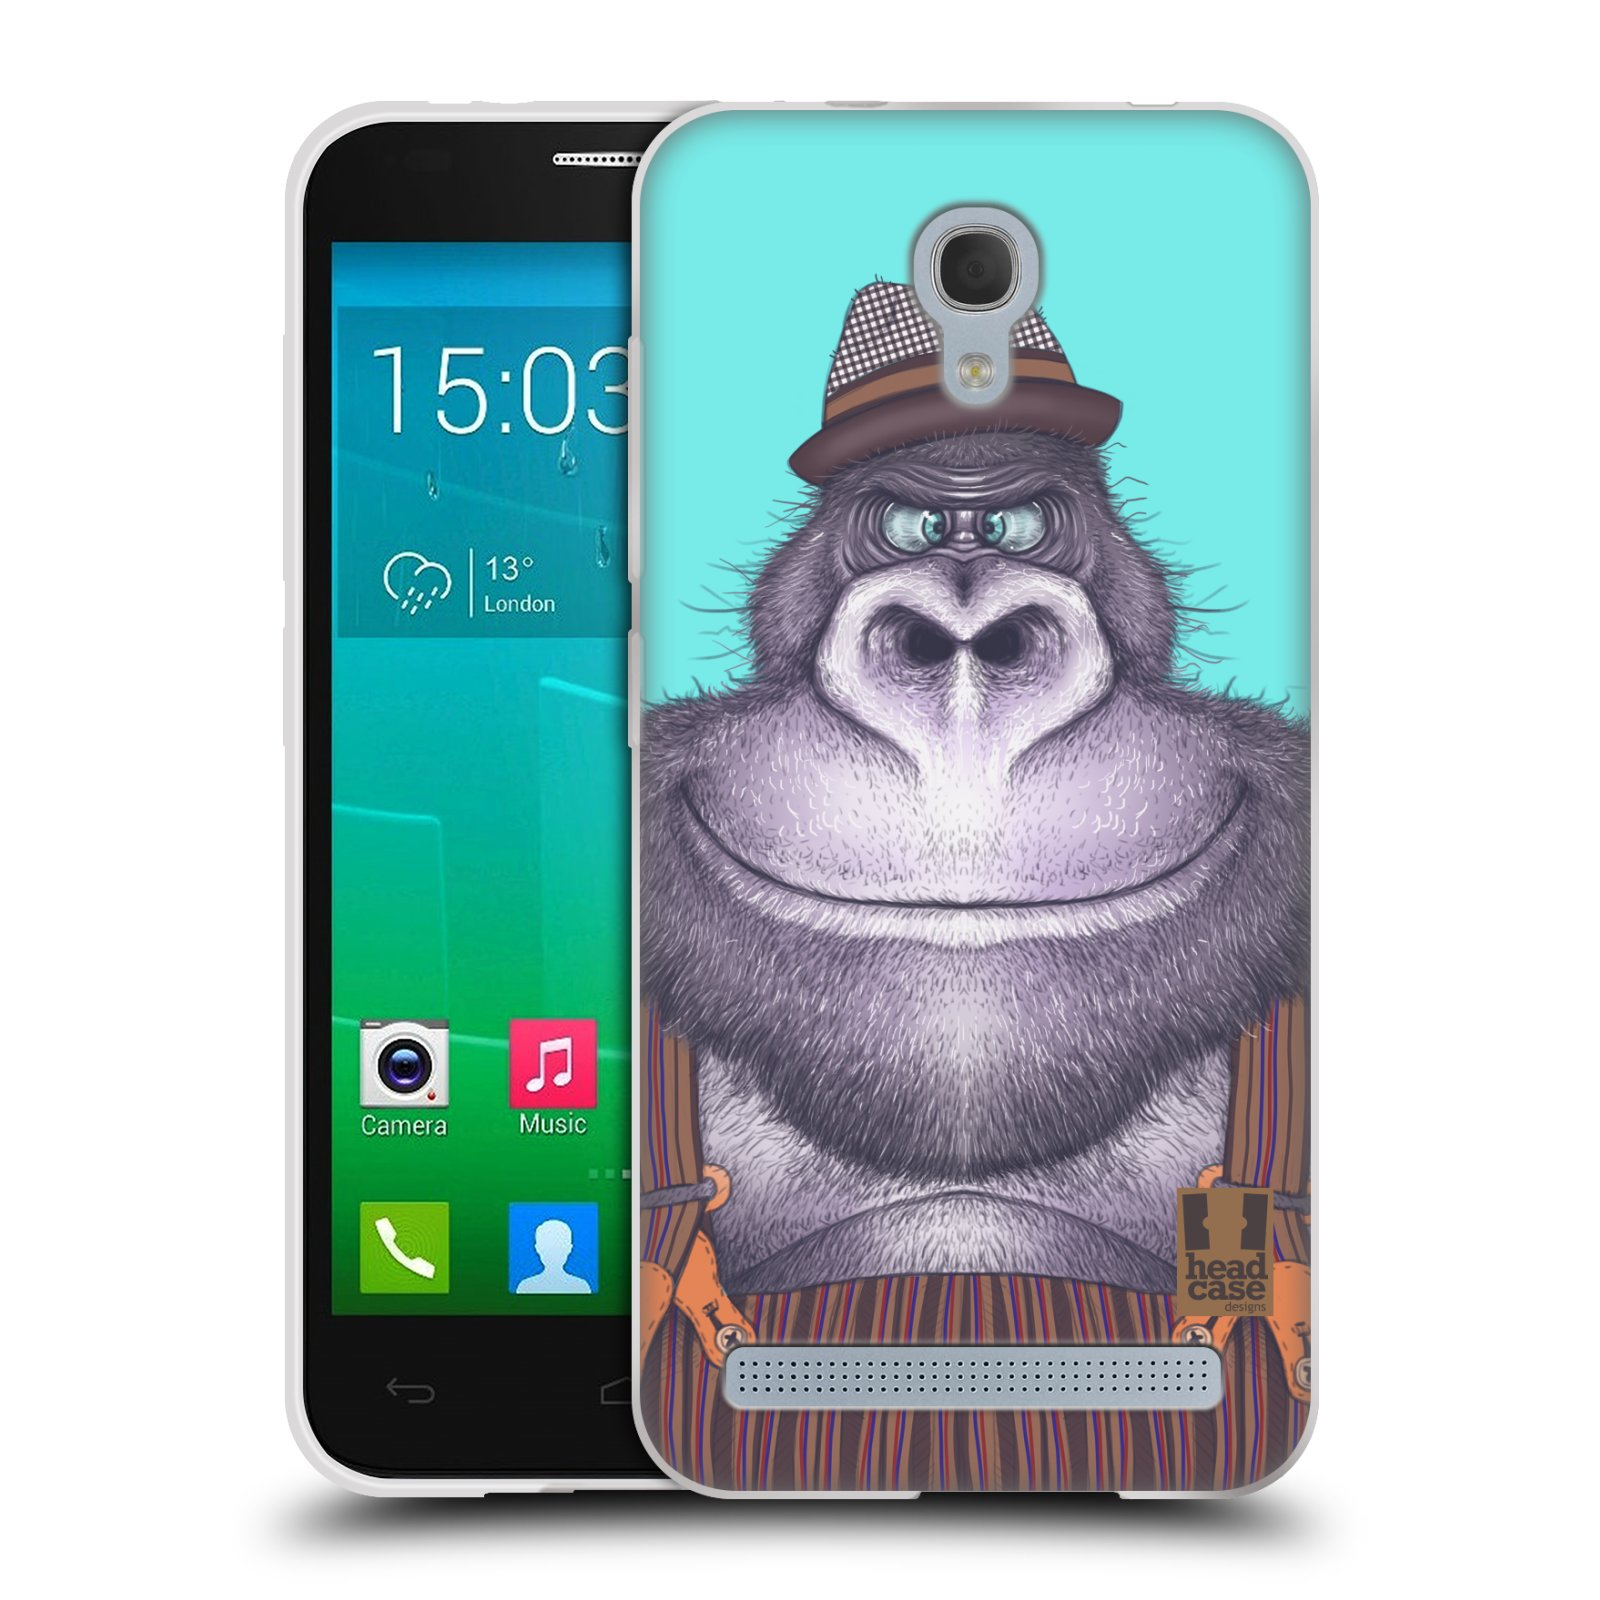 HEAD CASE silikonový obal na mobil Alcatel Idol 2 MINI S 6036Y vzor Kreslená zvířátka gorila